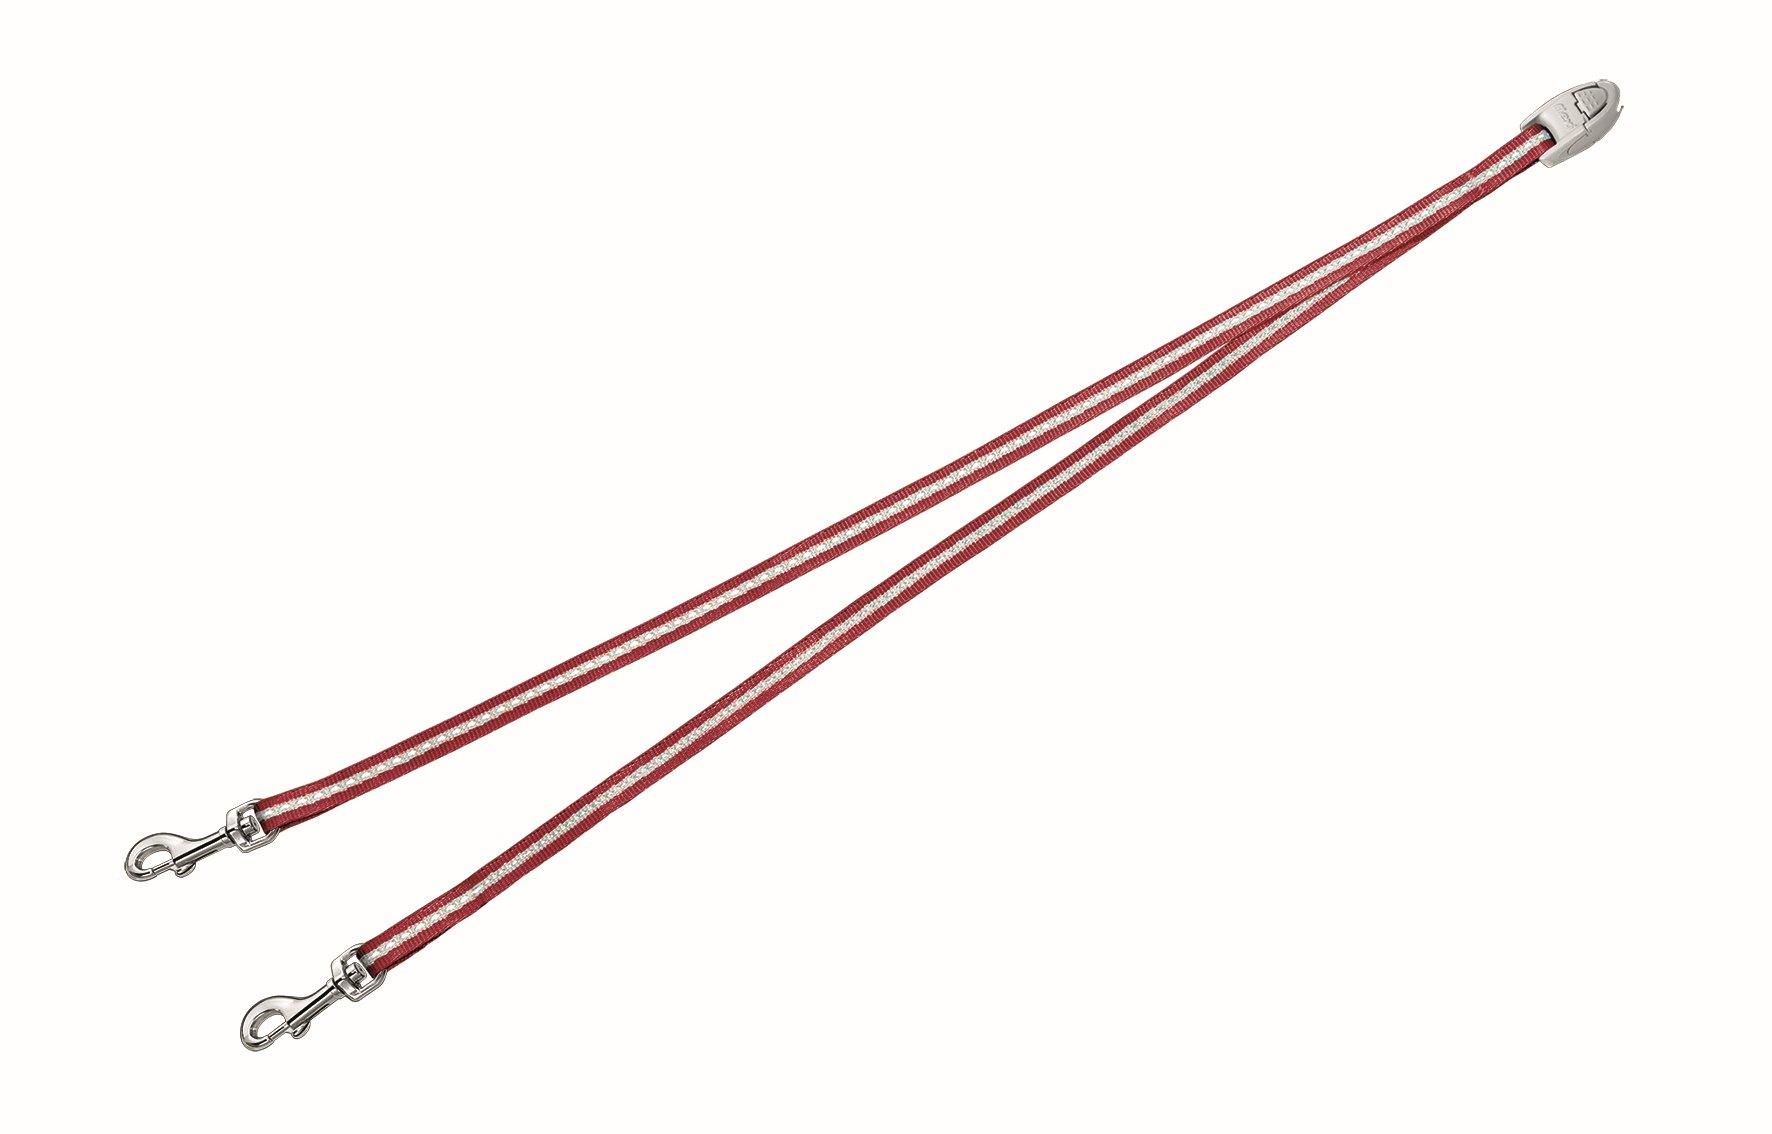 Сворка Flexi Vario Duo Belt S для собак до 5 кг, цвет: красный, 42 см12171996Сворка Flexi Vario Duo Belt S изготовлена из металла и нейлона. Данный аксессуар позволяет адаптировать рулетку для выгула 2 собак. Сворка обеспечивает каждой собаке свободу движения, что идет на пользу здоровью и радует вашего четвероногого друга. Сворка Flexi - специальное дополнение к поводку Flexi Vario размером S. При выборе рулетки для двух собак нужно учитывать суммарный вес обеих собак. Поводок имеет хромированную застежку.Длина поводка (без учета карабина): 42 см. Ширина поводка: 9 мм.Максимальная нагрузка: 5 кг.Товар сертифицирован.